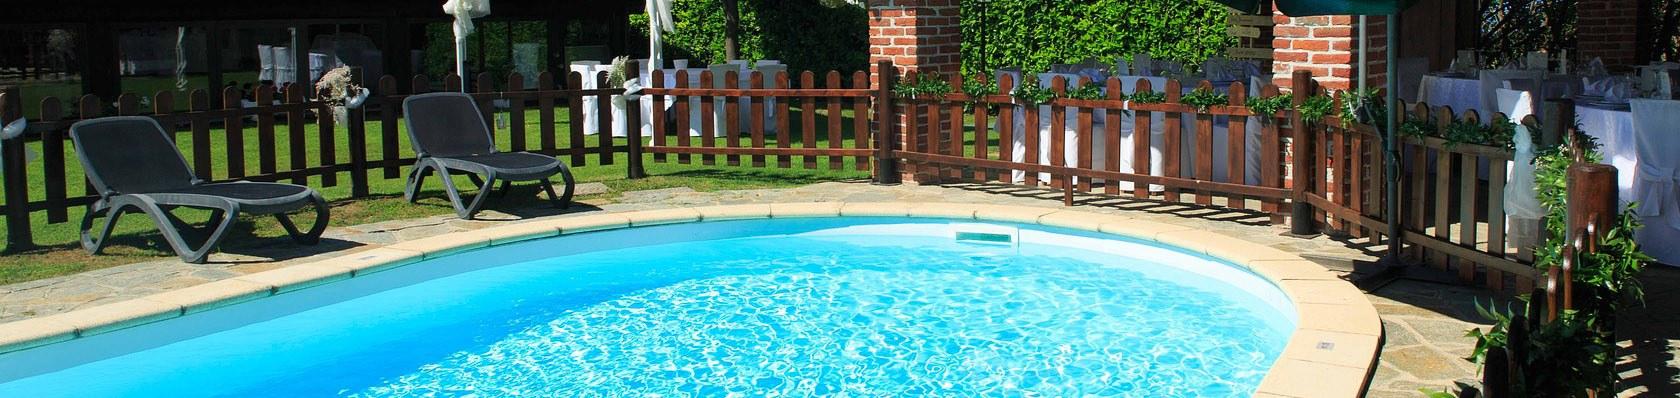 Gartenpools bis 15.000 Liter im Test auf ExpertenTesten.de